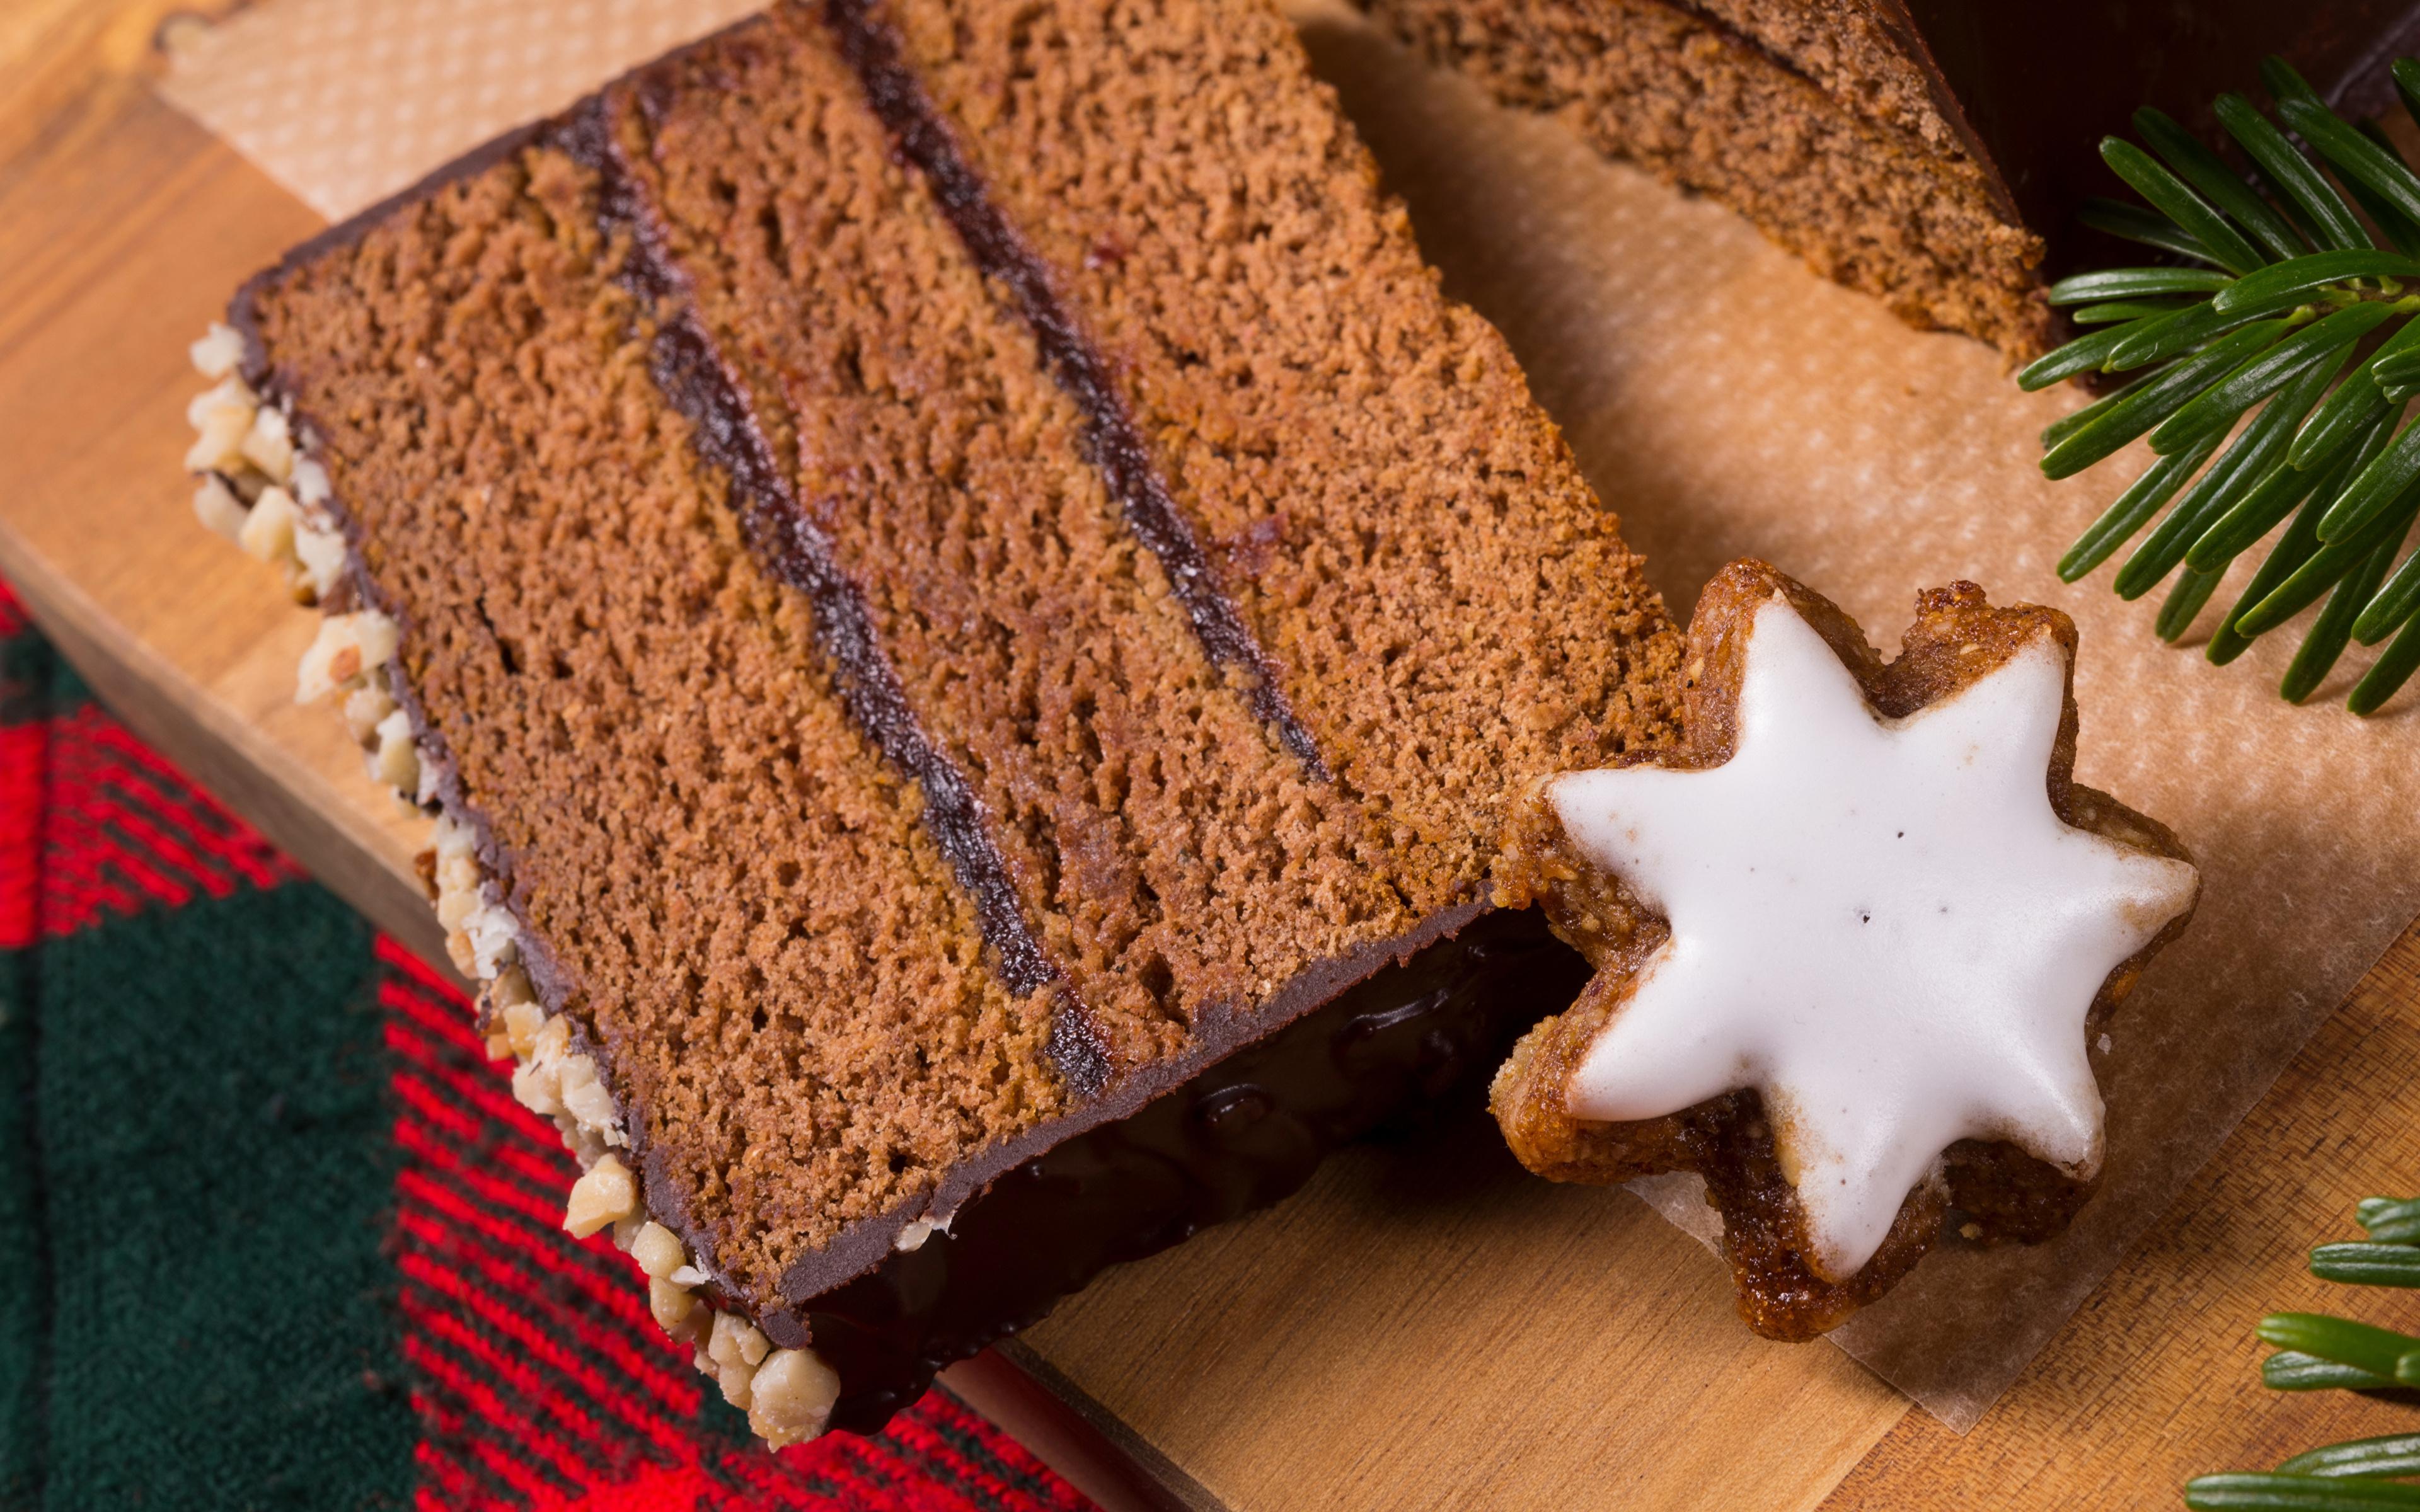 Картинка Новый год Шоколад Торты Кусок Пища Печенье Выпечка 3840x2400 Рождество часть кусочки кусочек Еда Продукты питания